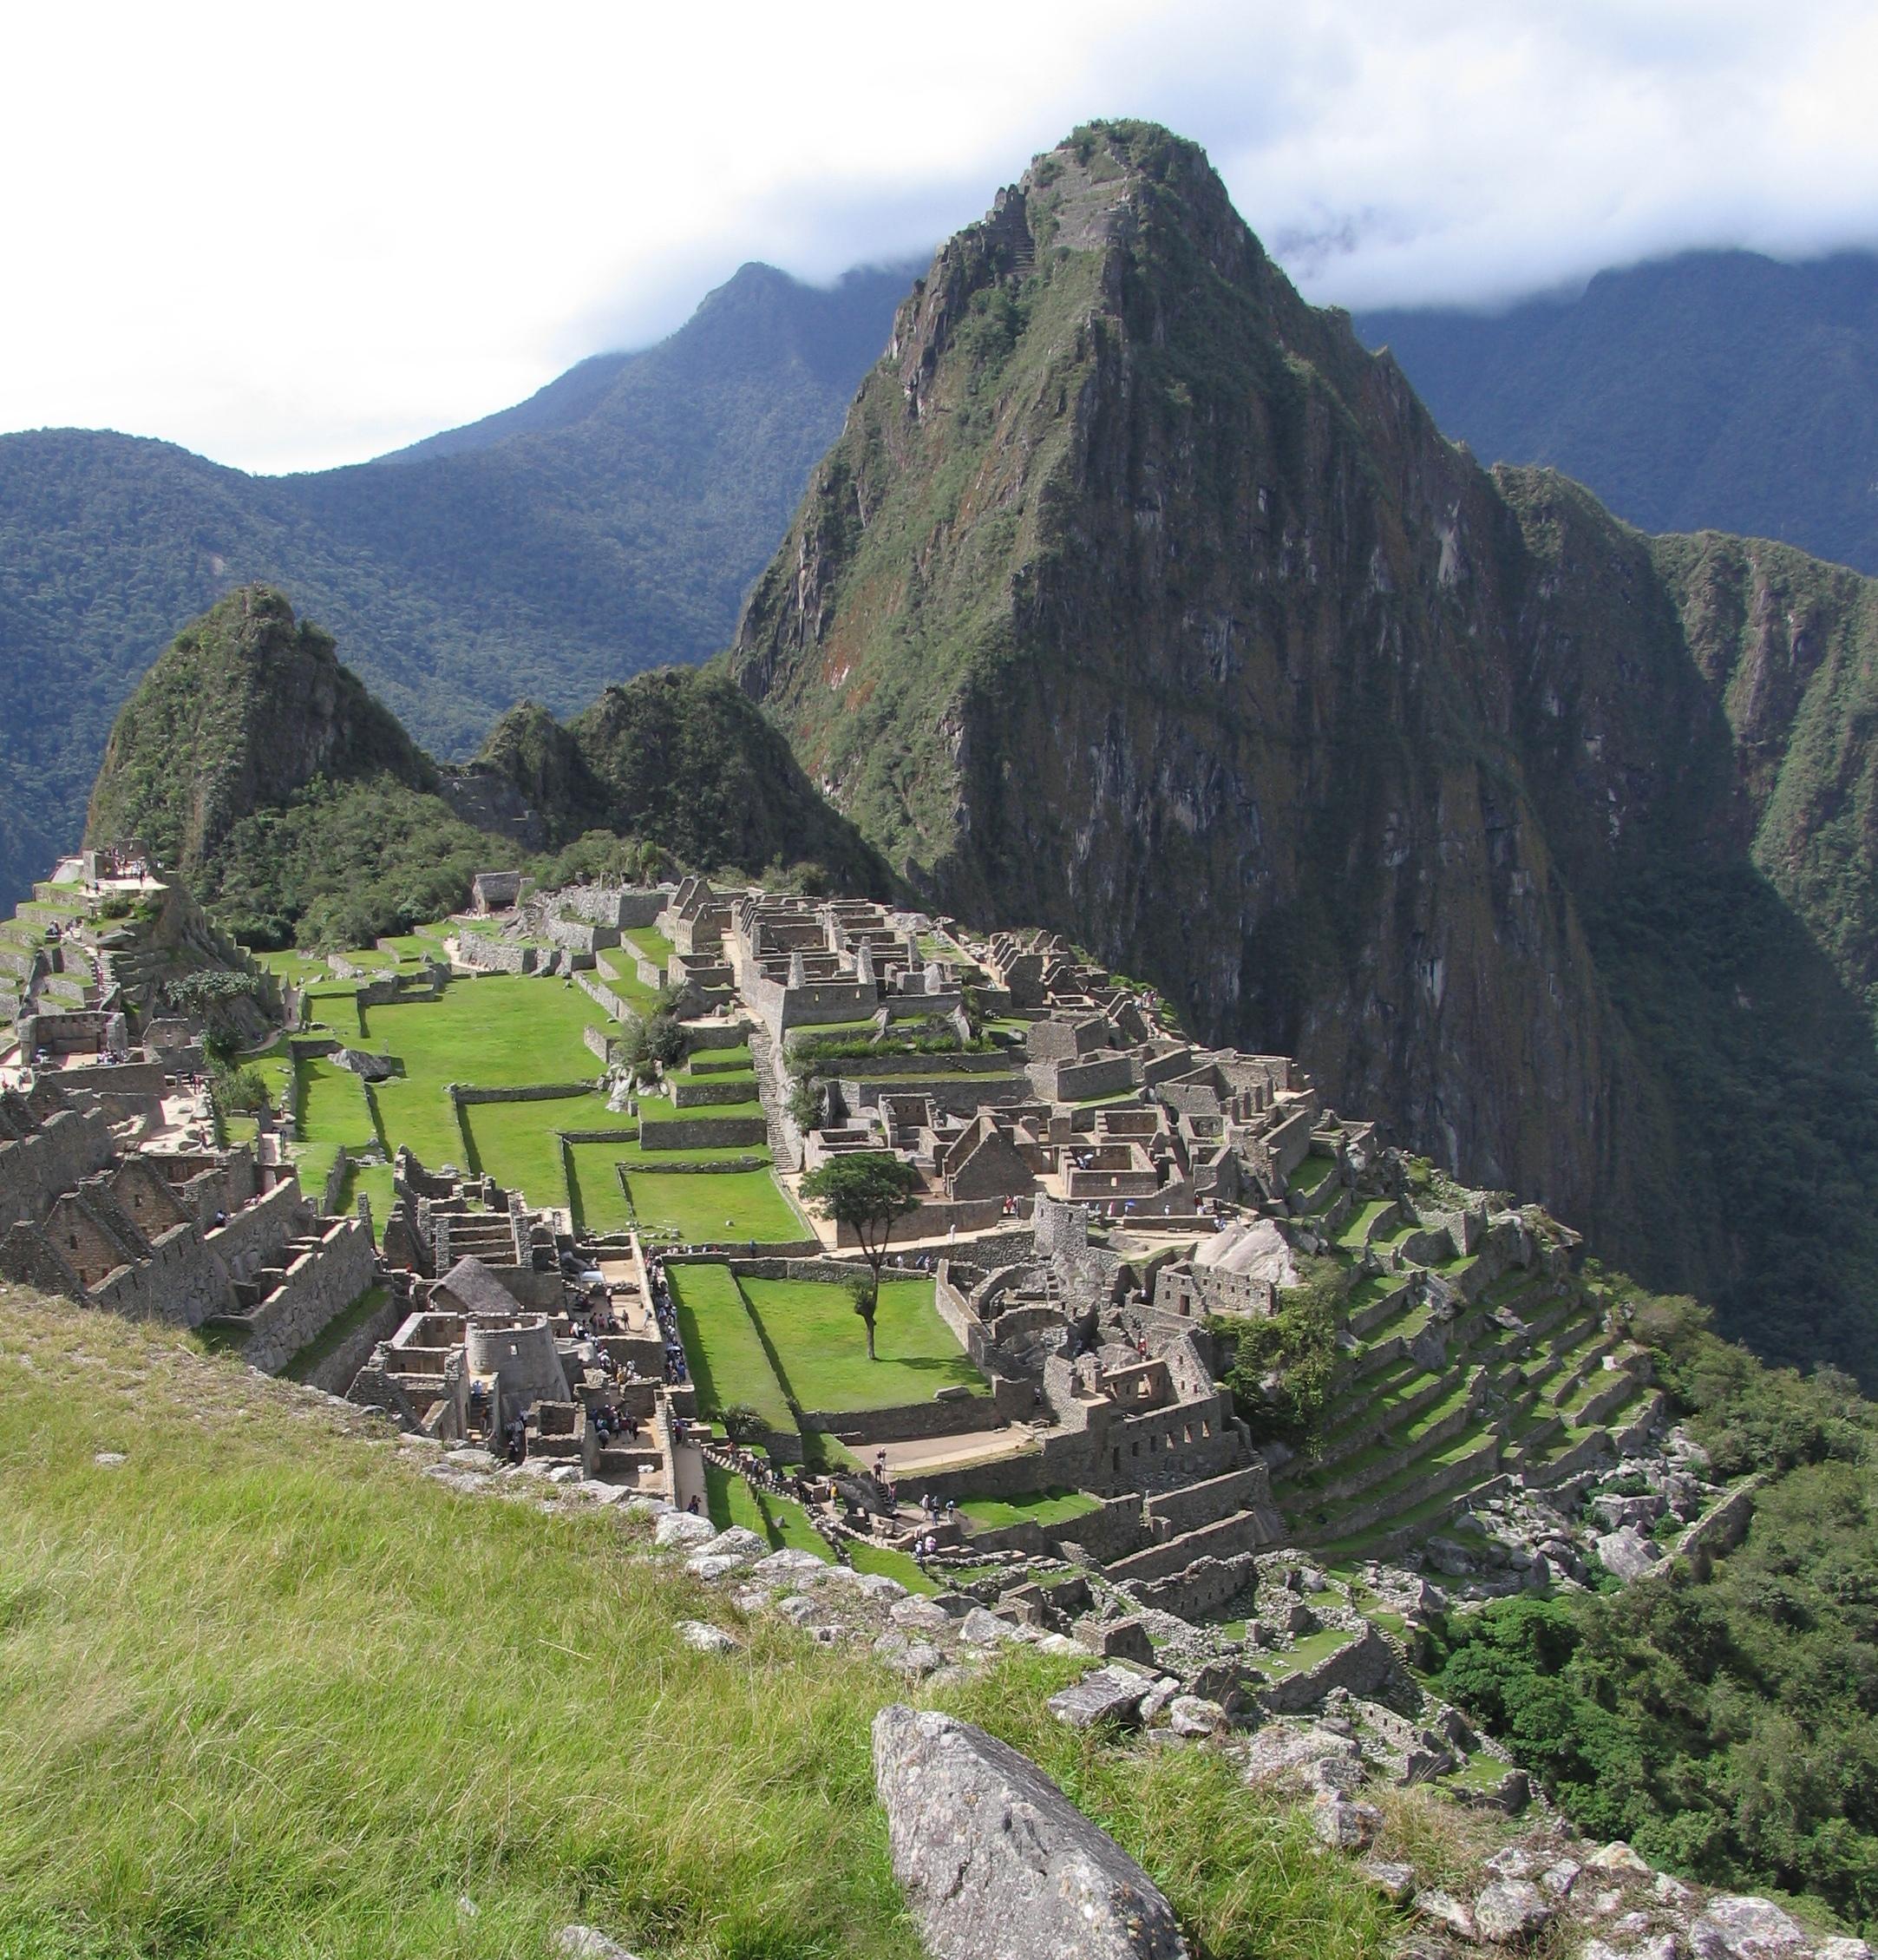 La Montagna Vecchia, significato del nome Macchu Picchu, in Perù, ph Mariateresa Montaruli